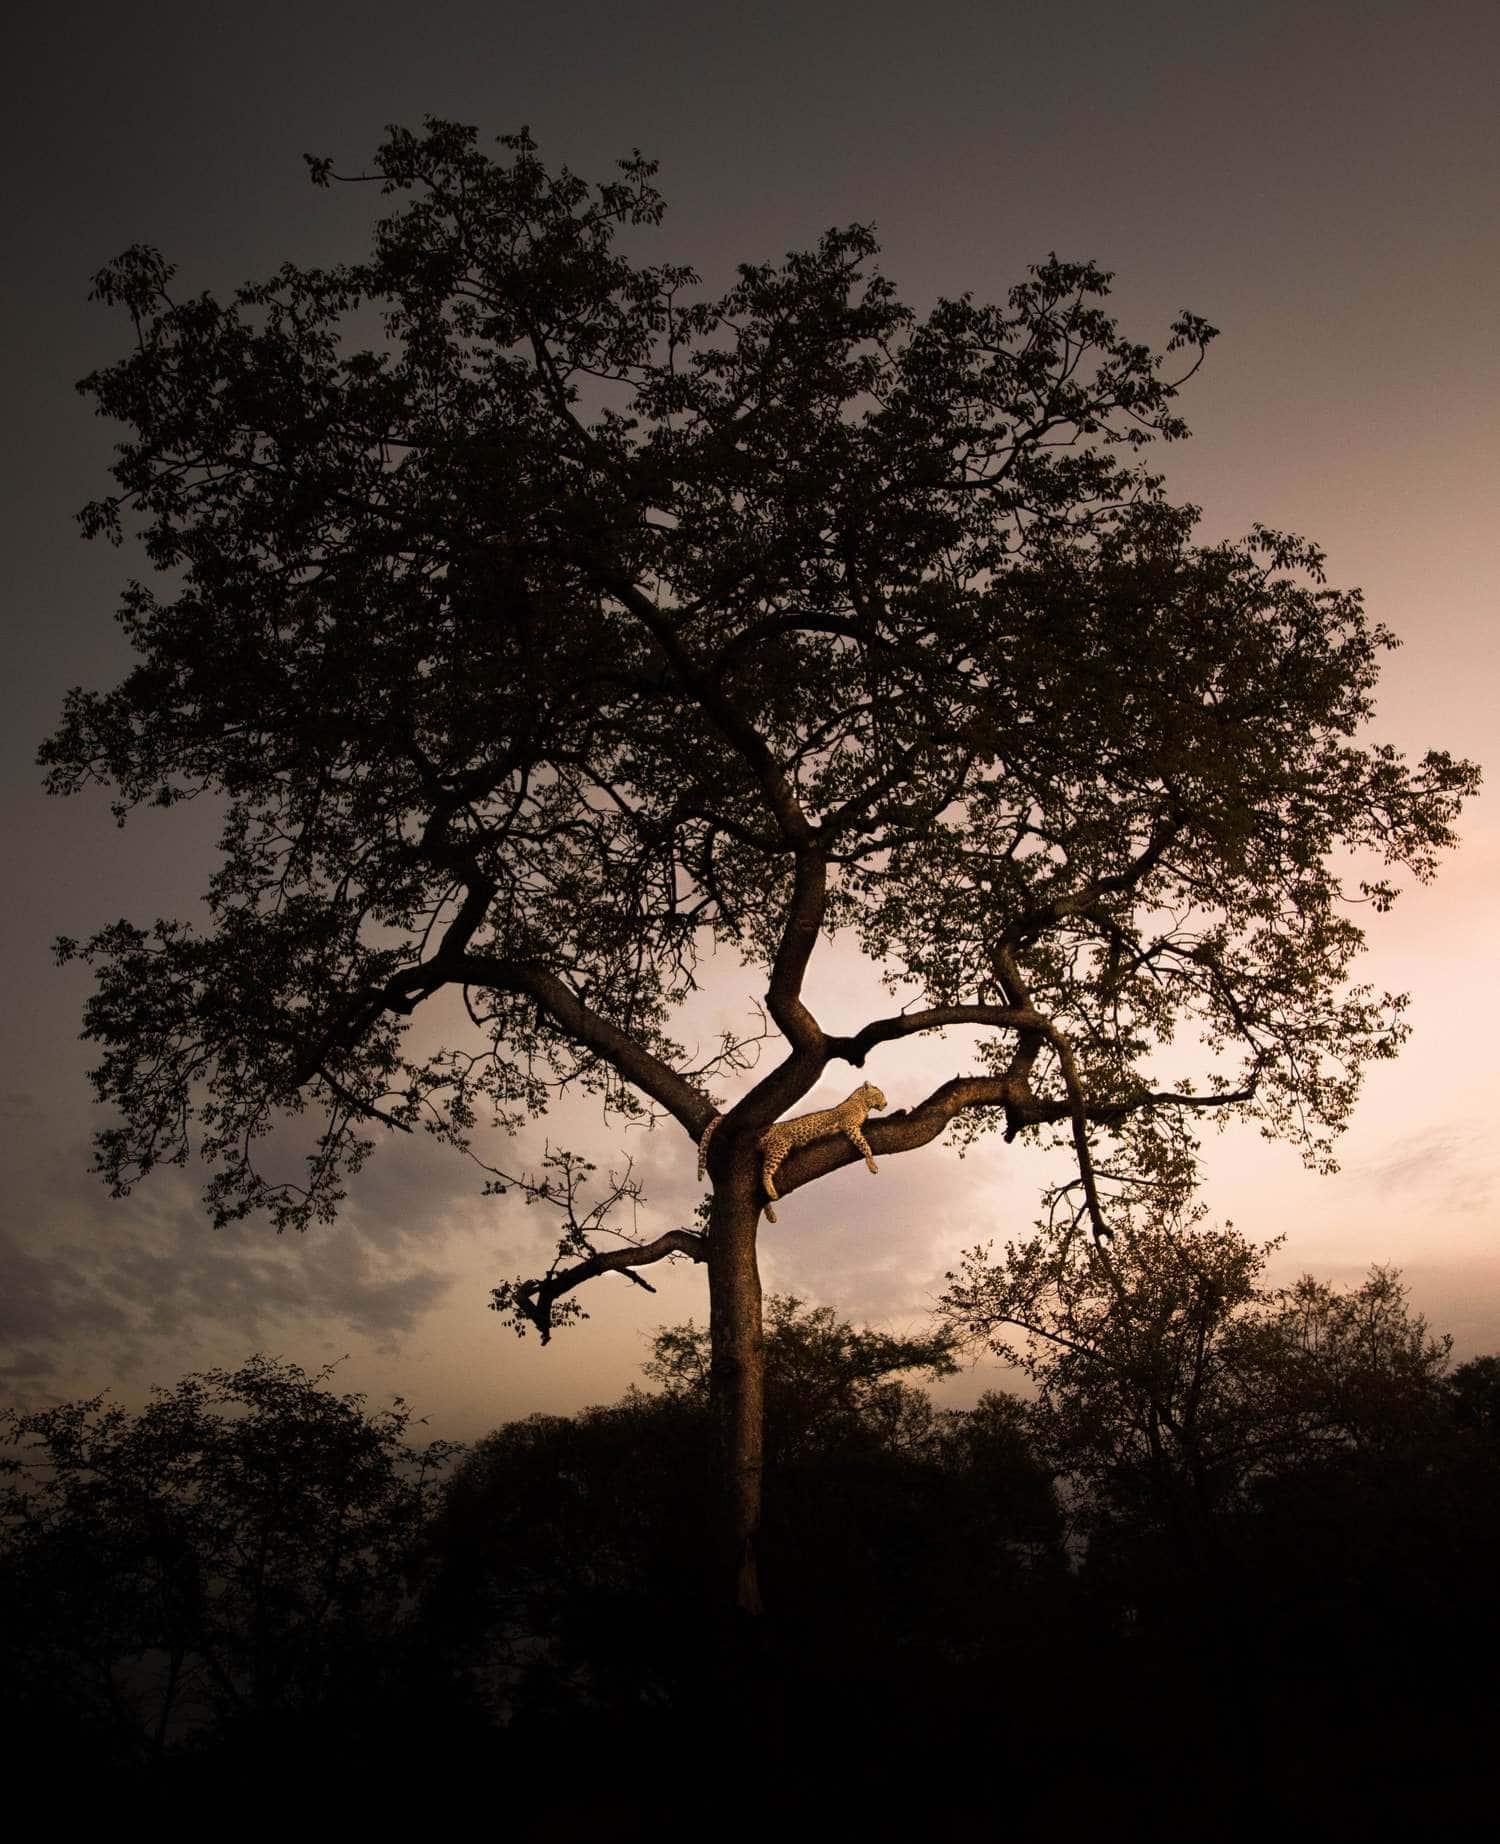 Leopardo descansando en una rama del árbol al atardecer